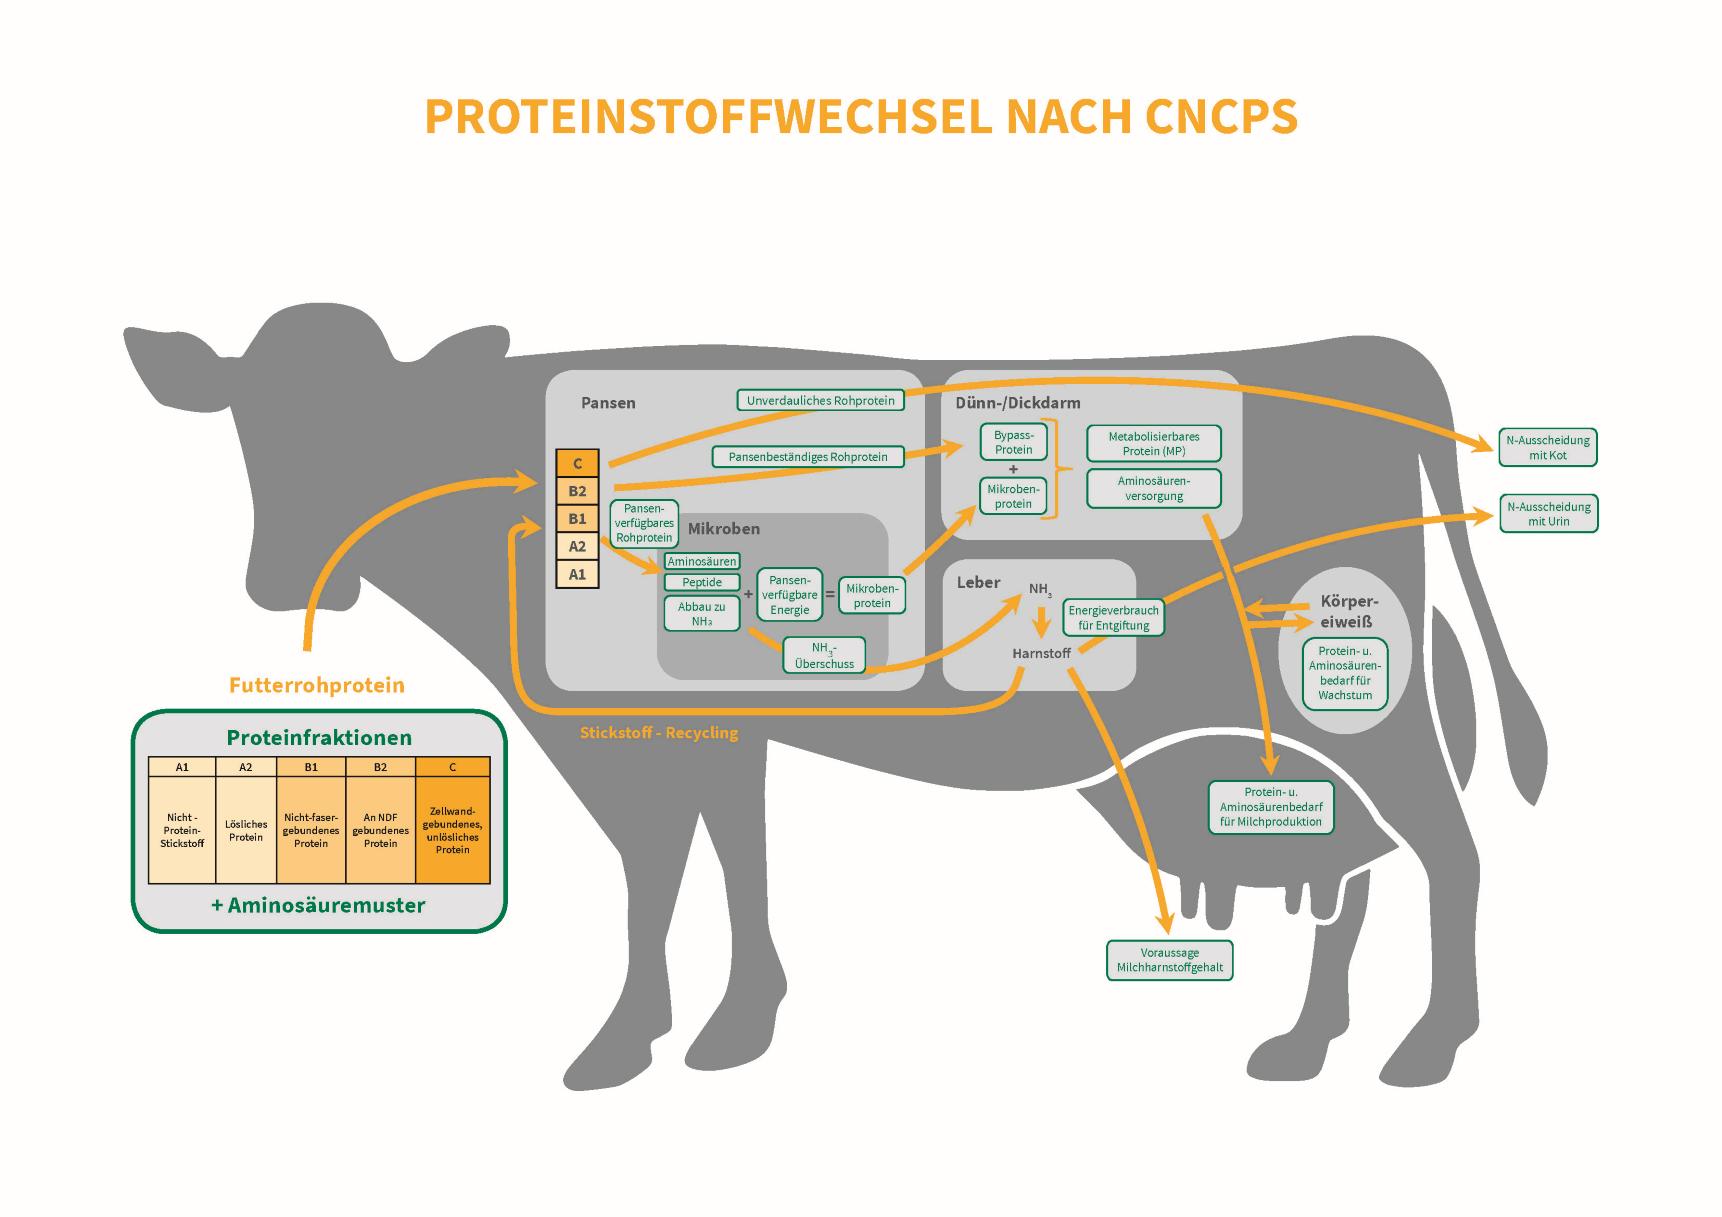 Sano24_Blog_Beitrag_Grafik_CNCPS_Protein_Stoffw_Kuh